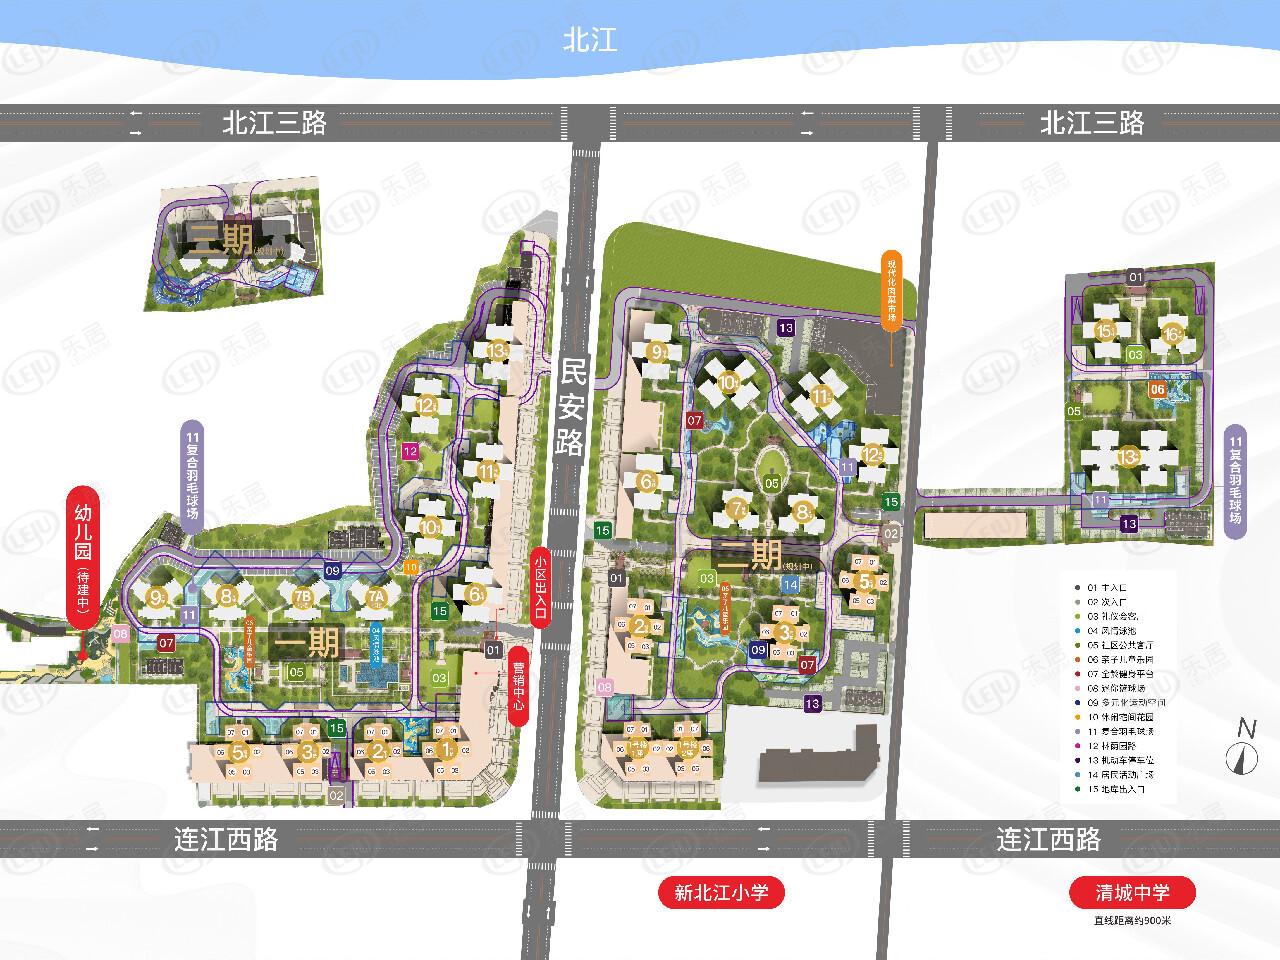 新城区雅居乐清远雅郡,位置在清远市清城区新北江小学正对面。